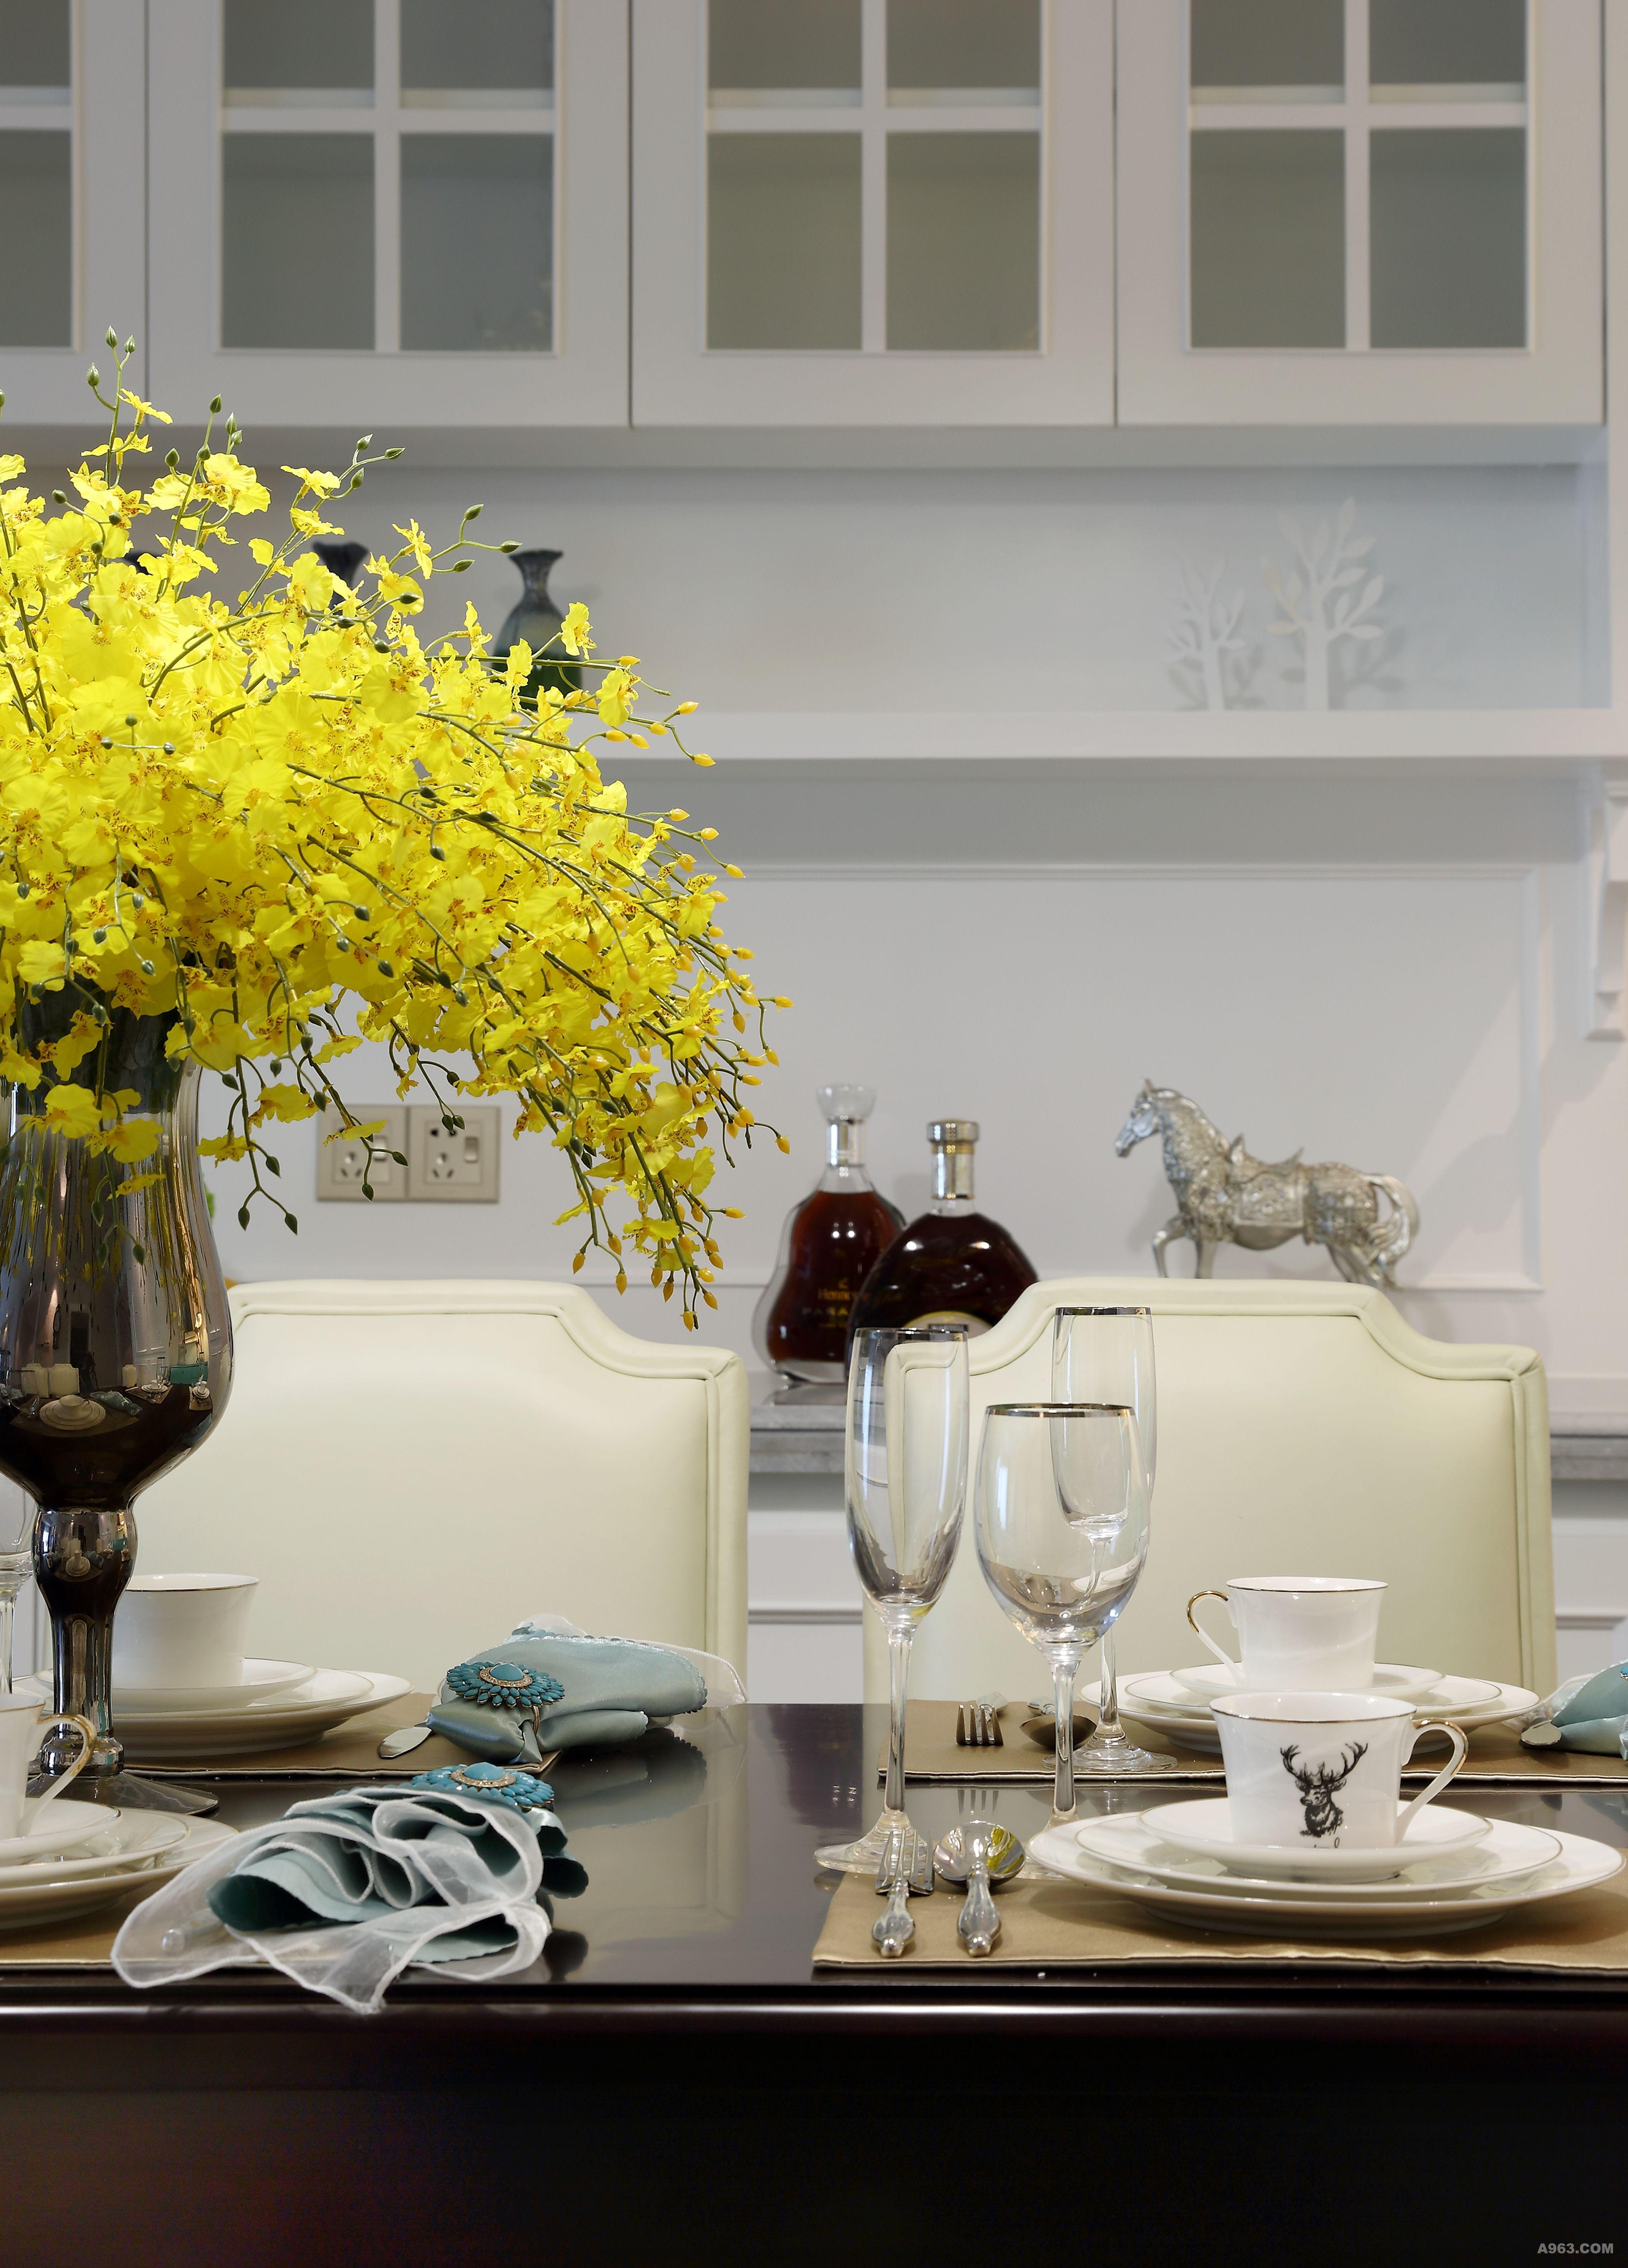 美式简约款餐椅(购于维塔CASA 软装定制中心) 取美式经典元素的神,又较传统美式更简约耐看,更符合现代人的审美。延续客厅沙发的铆钉元素,营造一种整体而序列的感受。